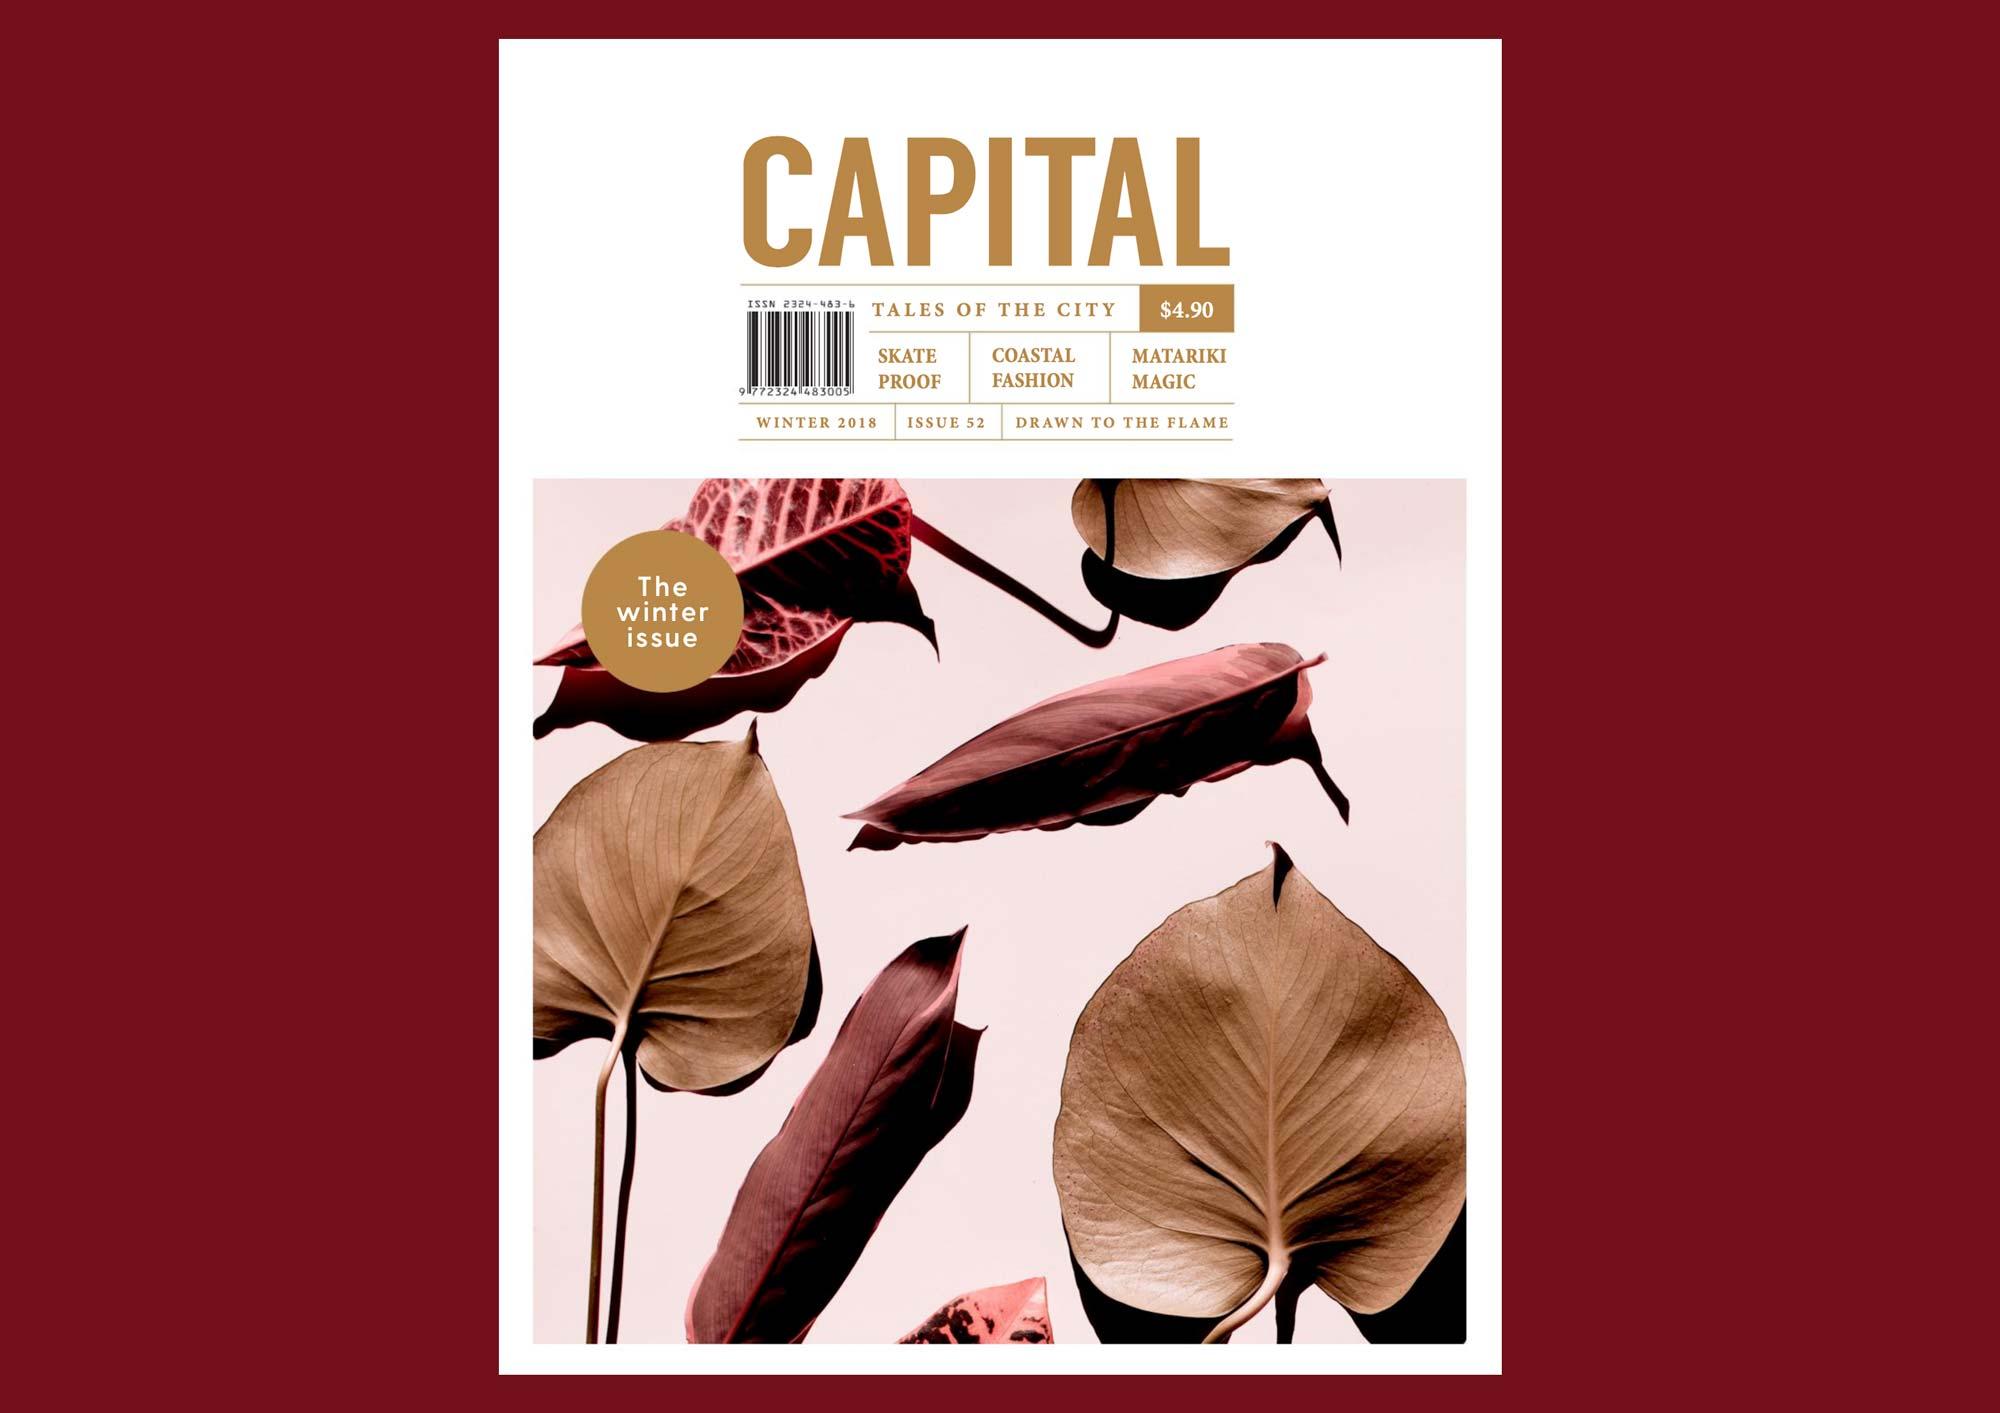 still-life-photographer-barcelona-artist-leandro-crespi-cover-magazine.jpg